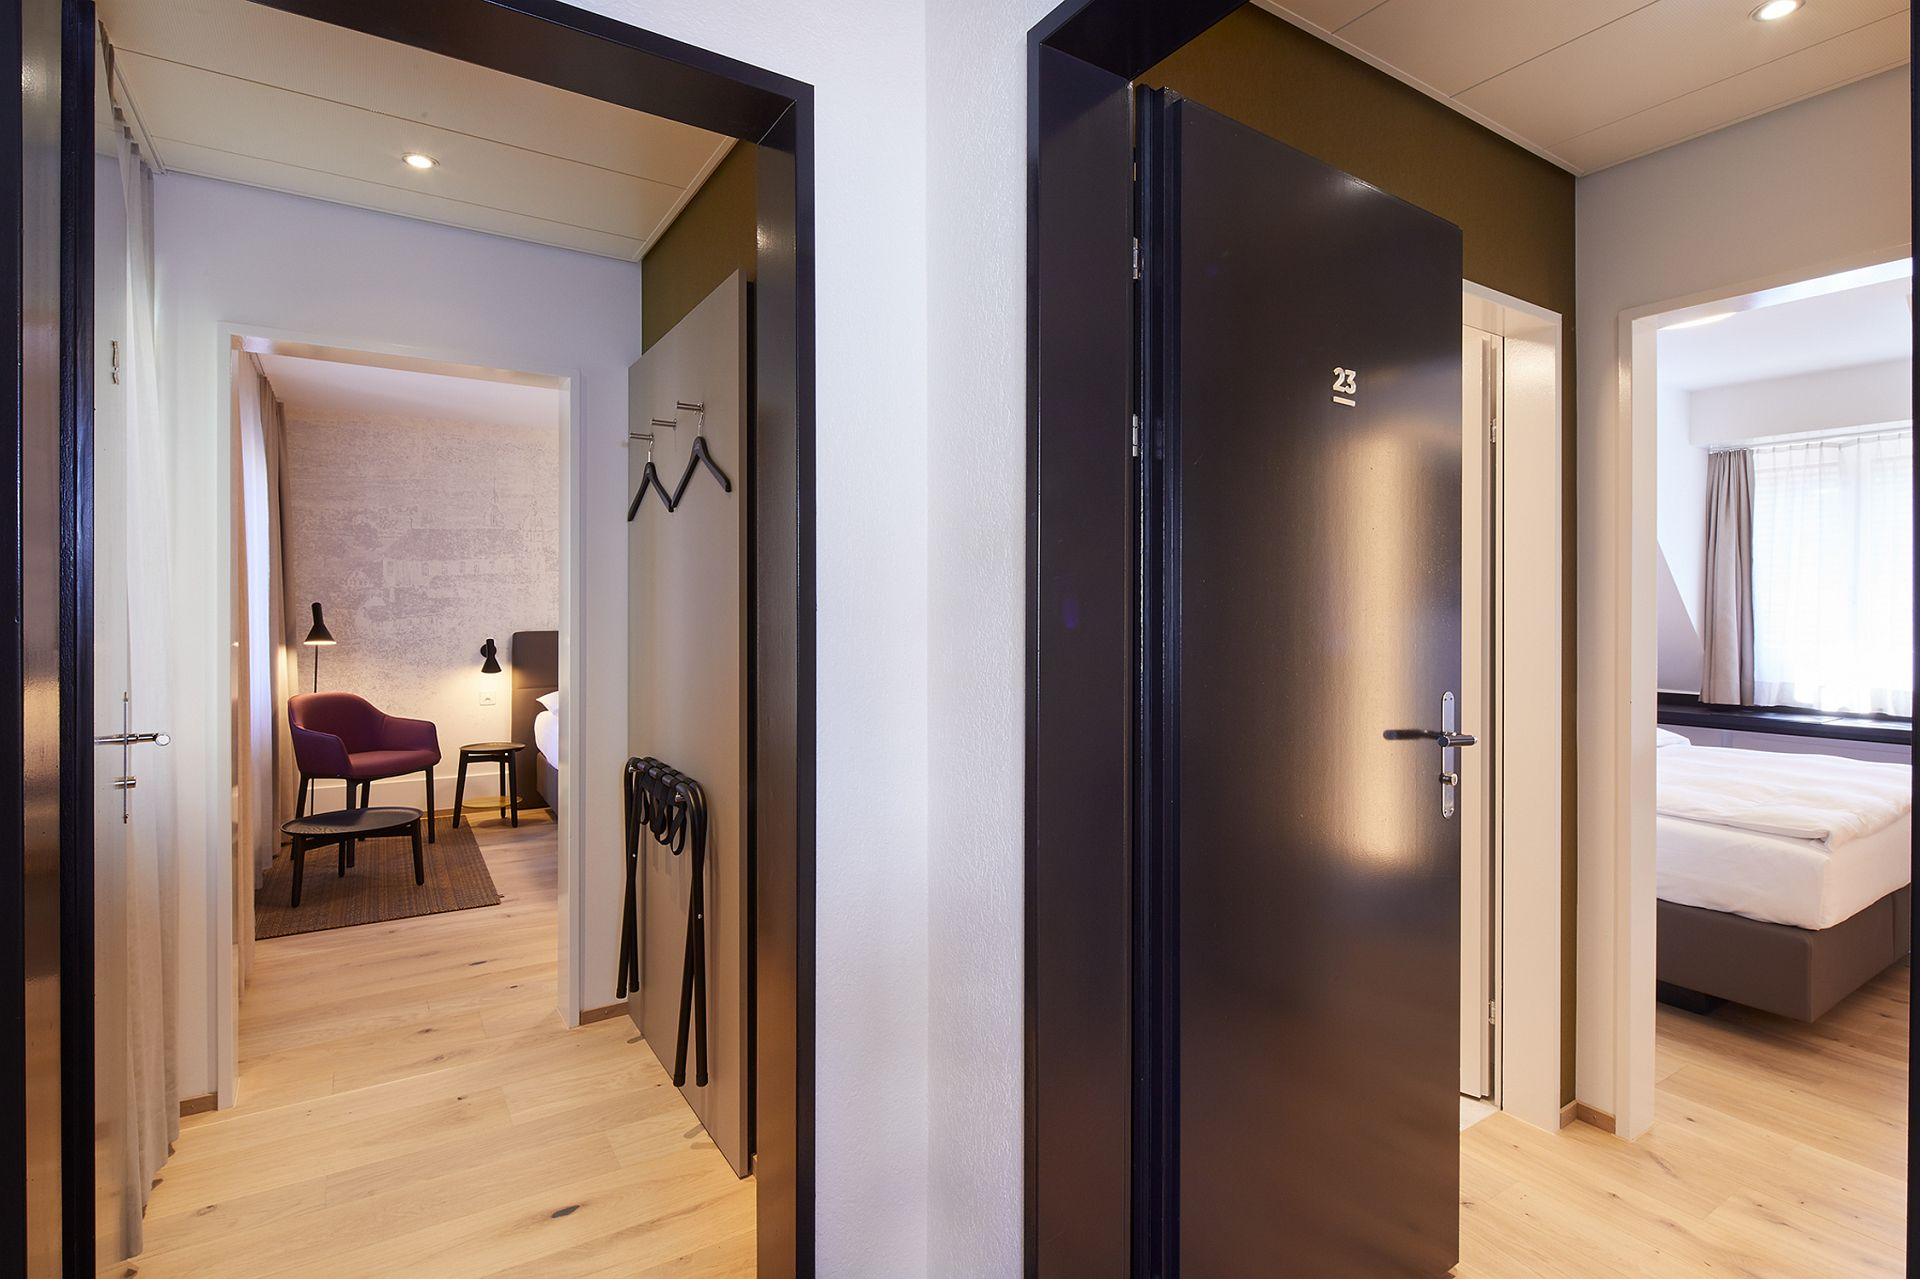 gasthof ochsen a team bodenbel ge ag. Black Bedroom Furniture Sets. Home Design Ideas